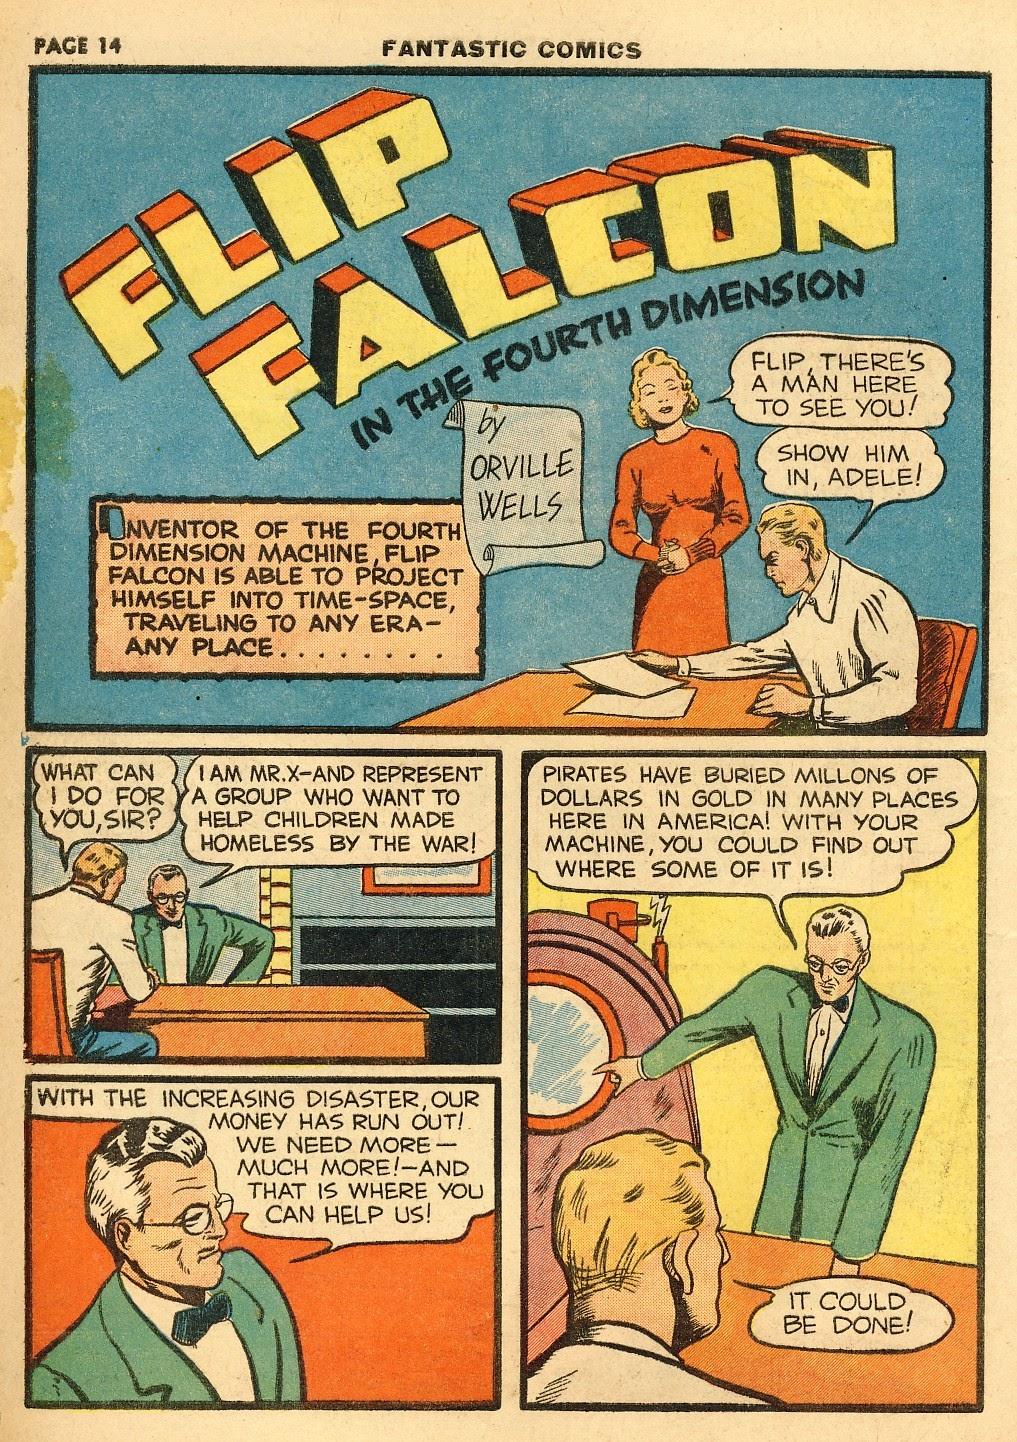 Read online Fantastic Comics comic -  Issue #10 - 15